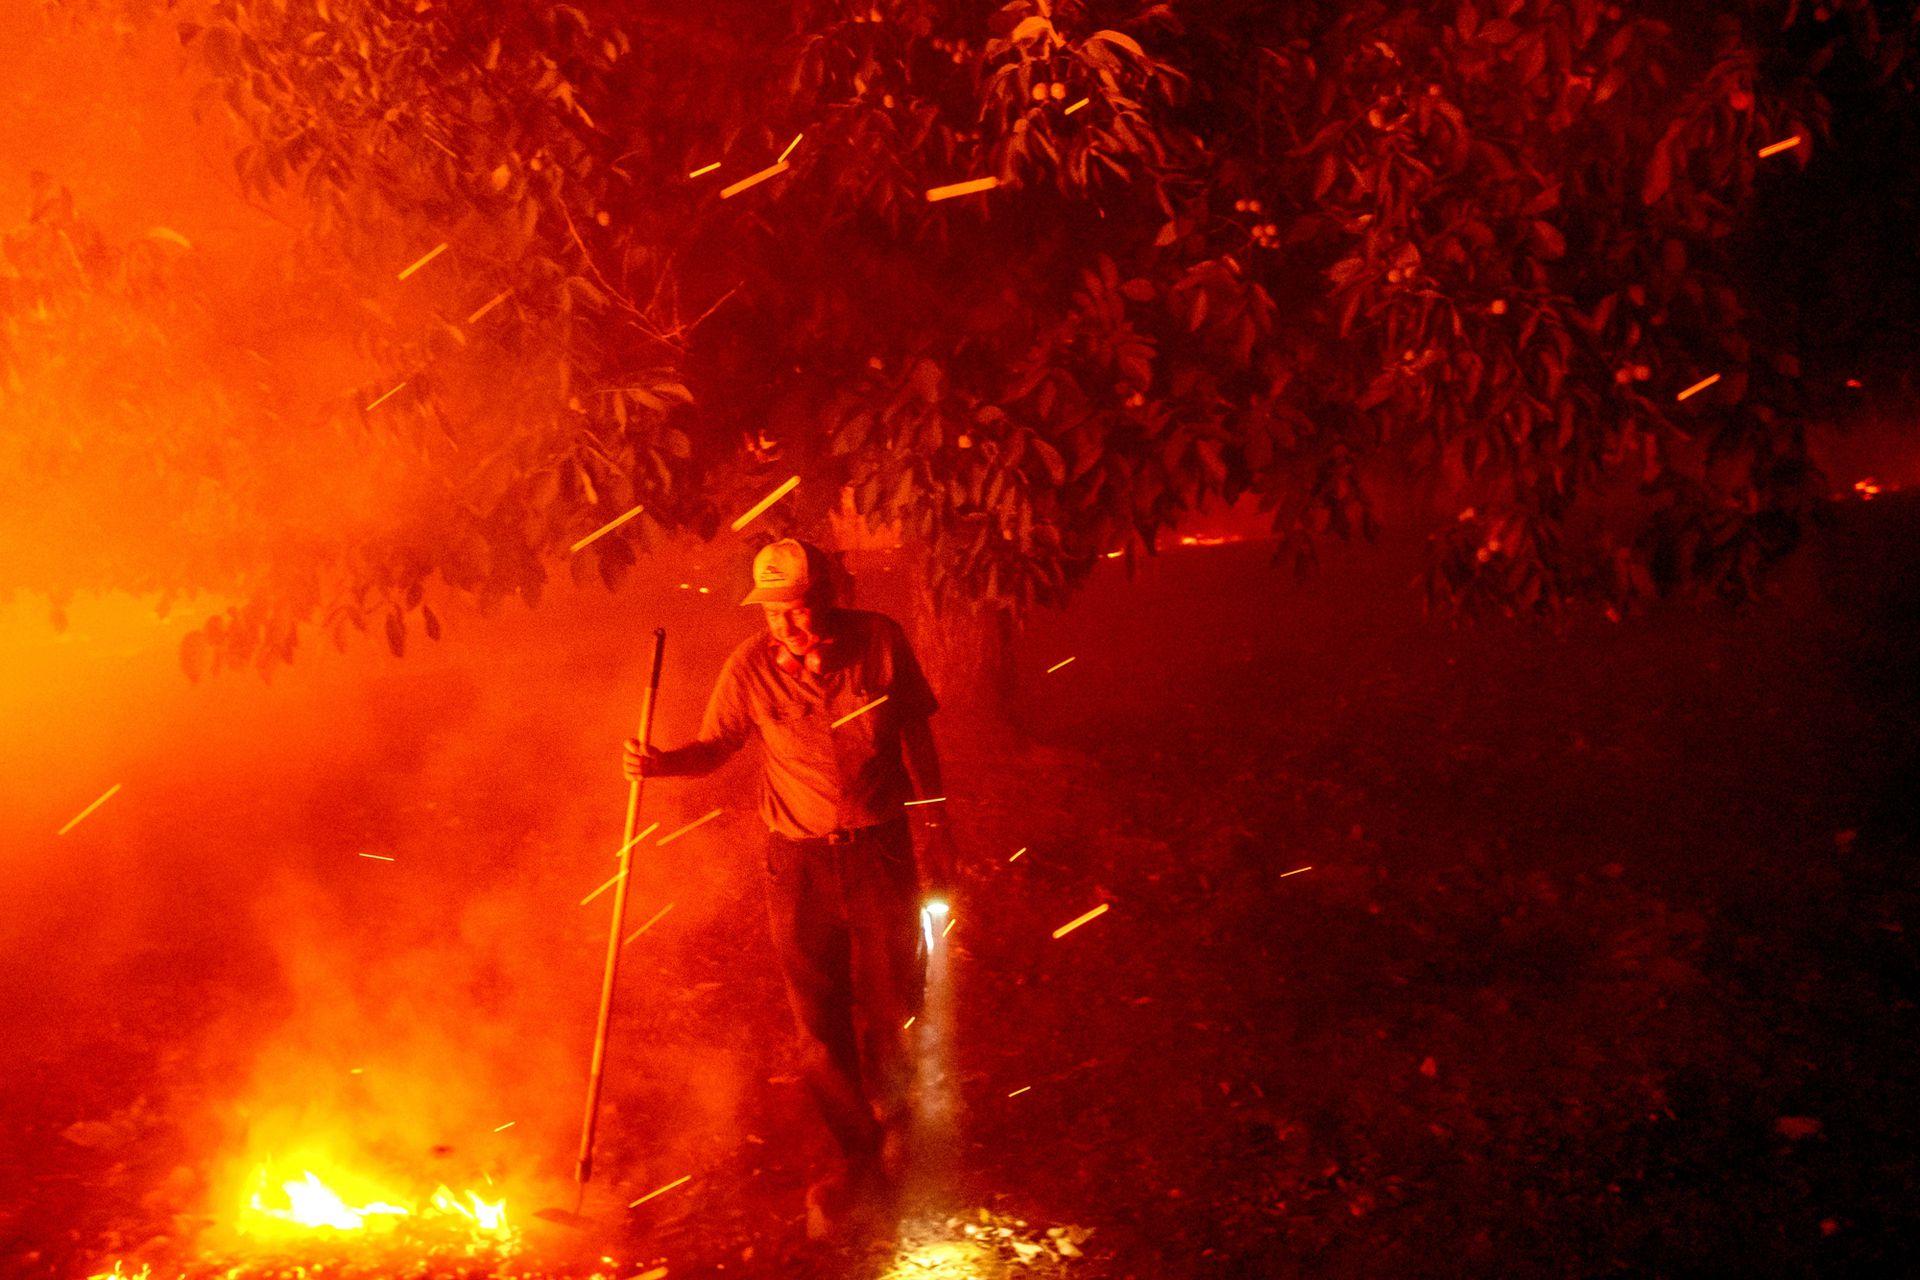 El más grande de los incendios está situado en el norte del estado y ya ha arrasado 17.800 hectáreas